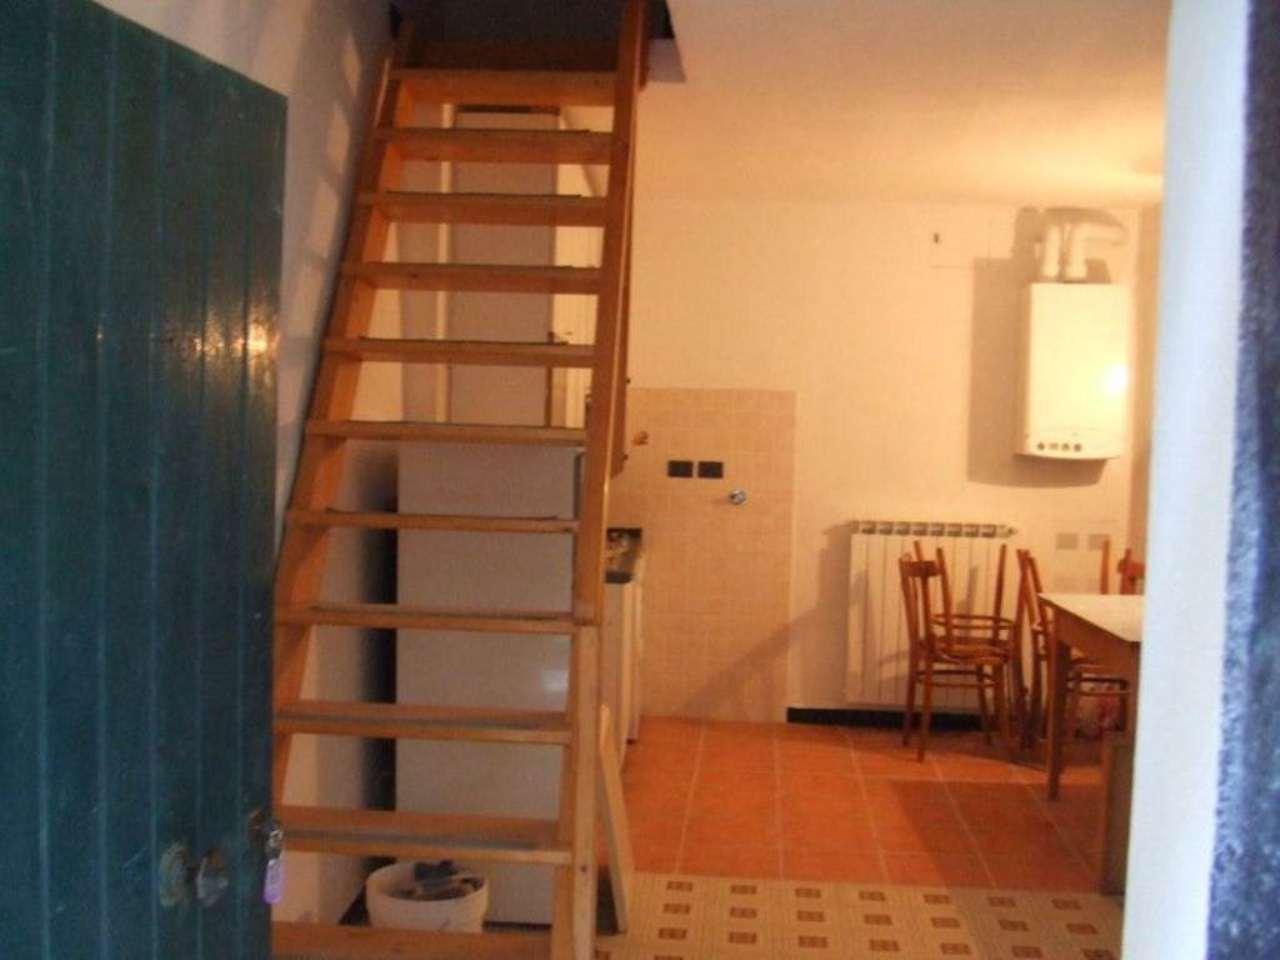 Soluzione Semindipendente in vendita a Castiglione Chiavarese, 4 locali, prezzo € 75.000 | Cambio Casa.it